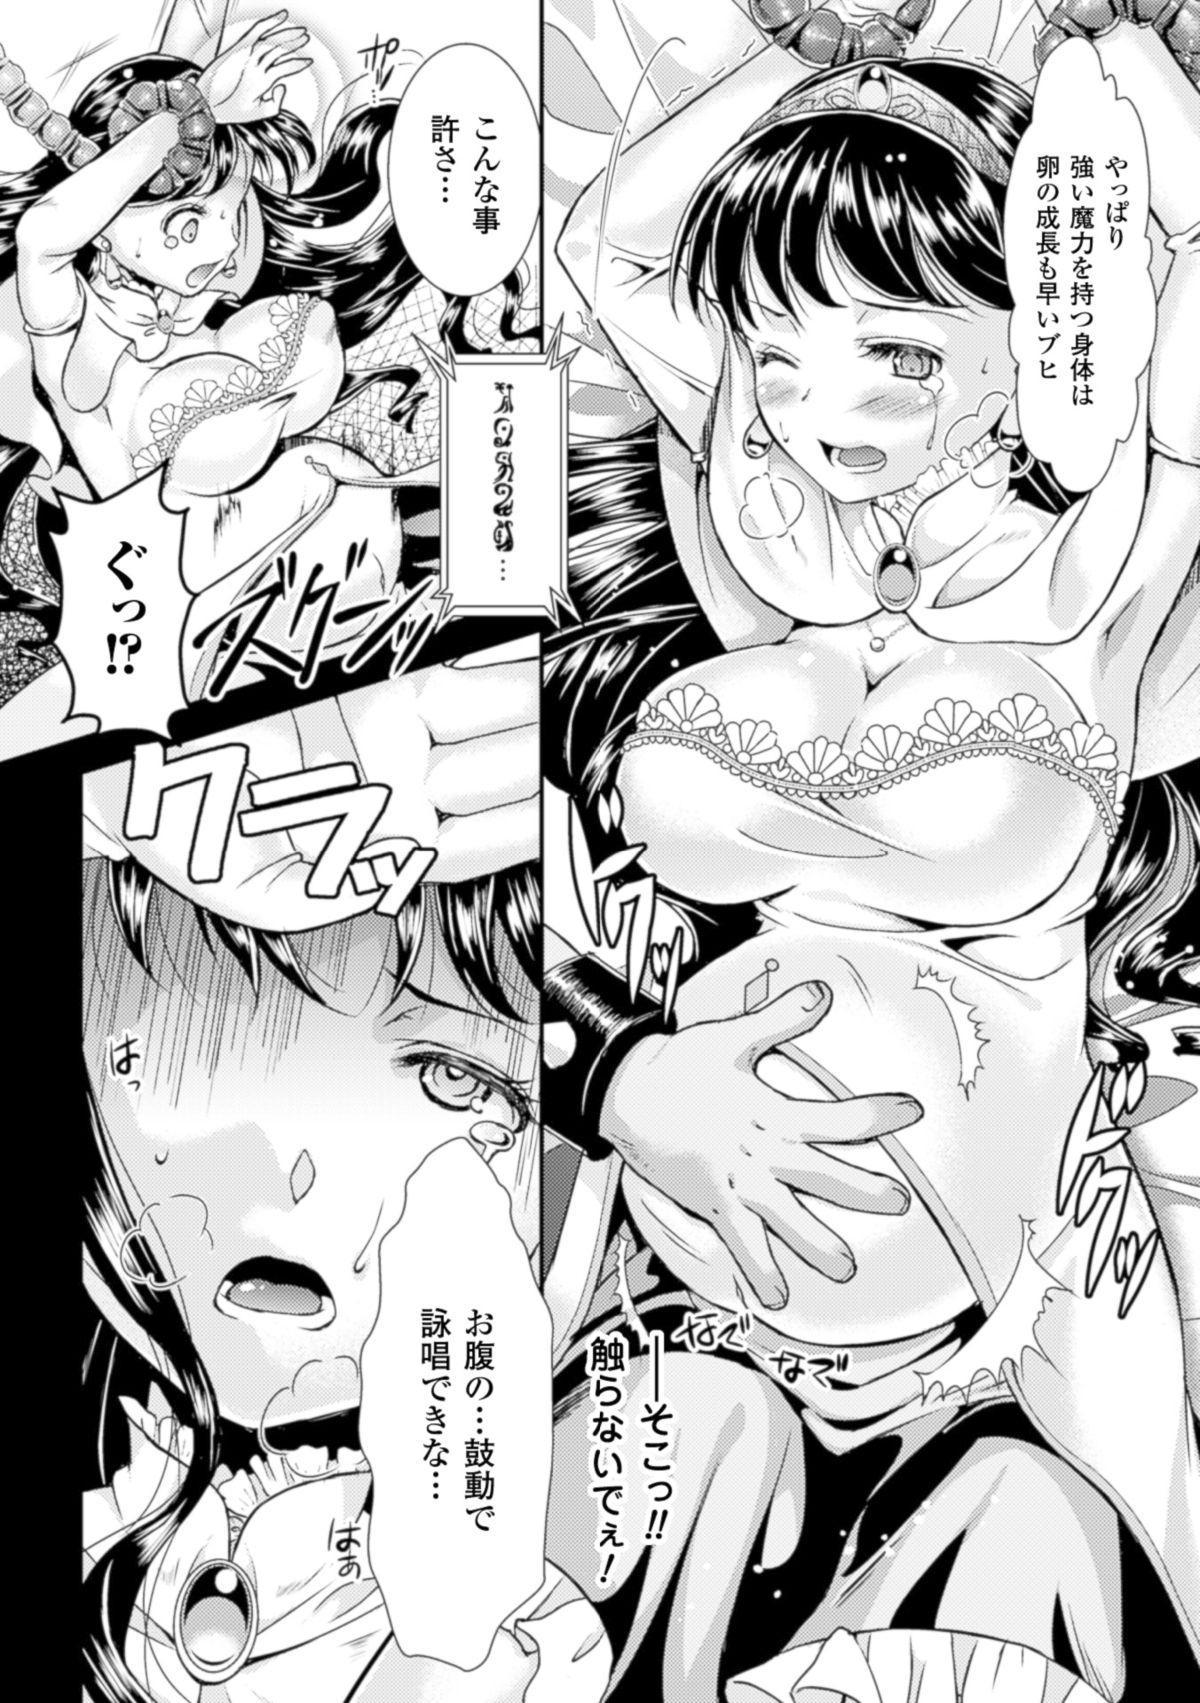 Shoujo wa Osuyoku de Harami Chiru 51